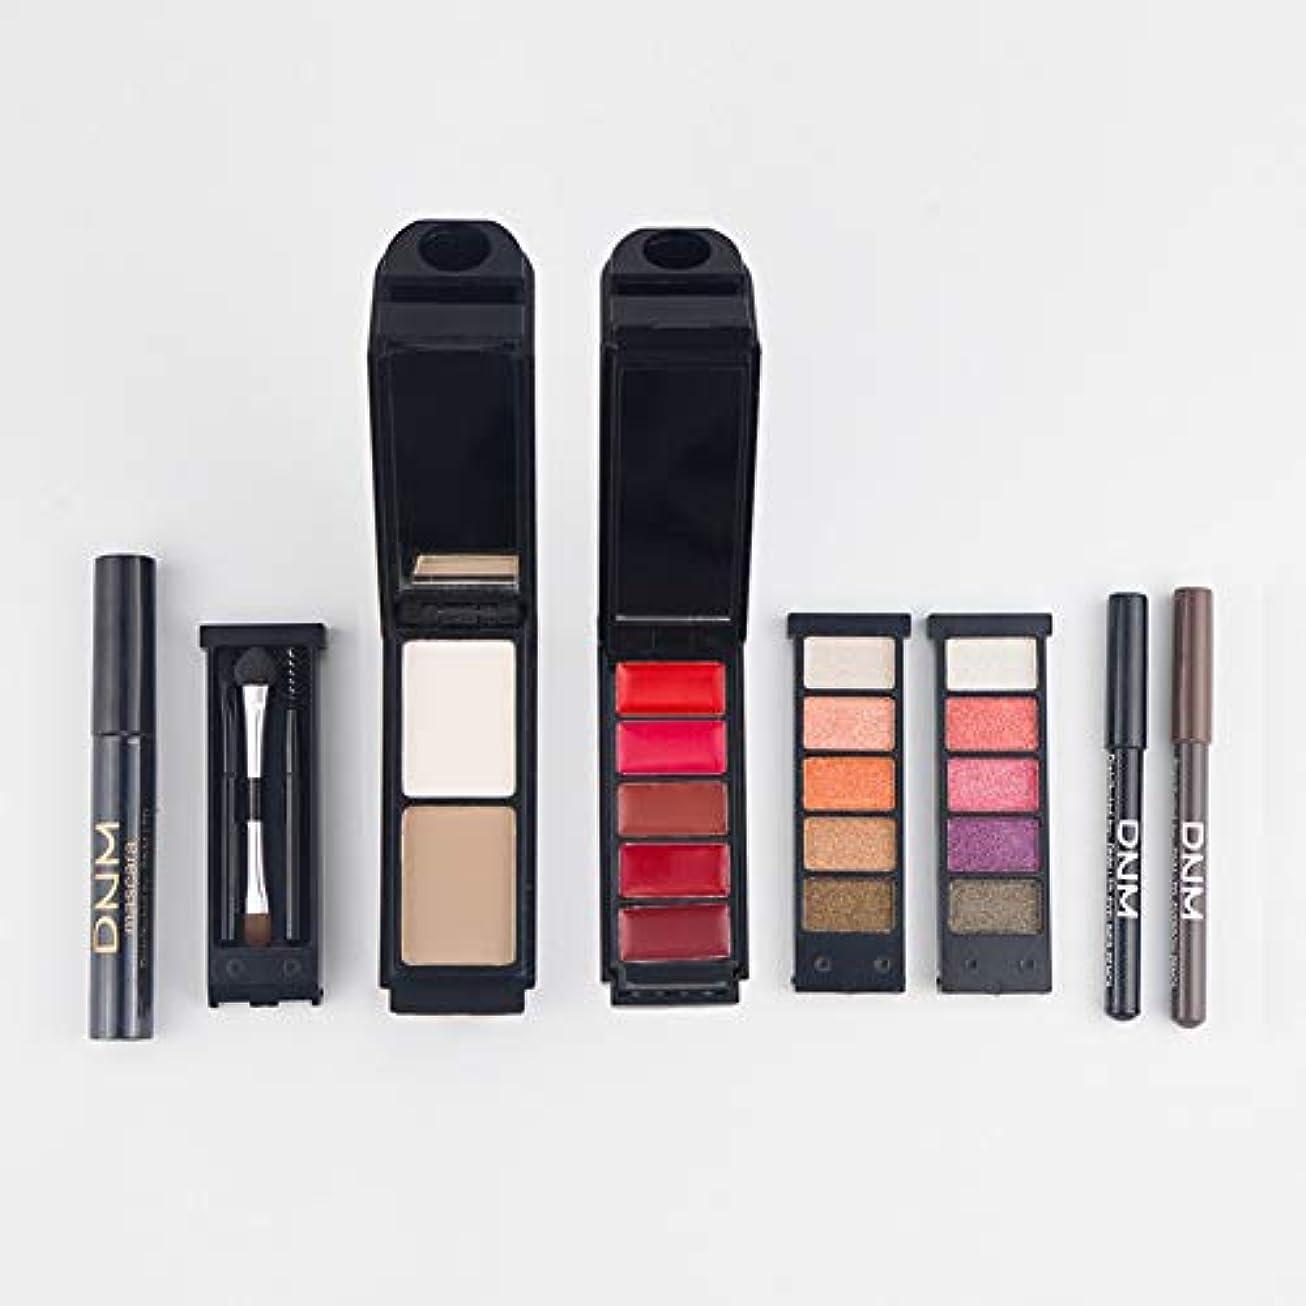 不利益料理をする素晴らしさRabugogo 8個/セット女性の化粧品セット口紅+コンシーラー+アイシャドー+アイライナー+マスカラ+アイブロウペンシル